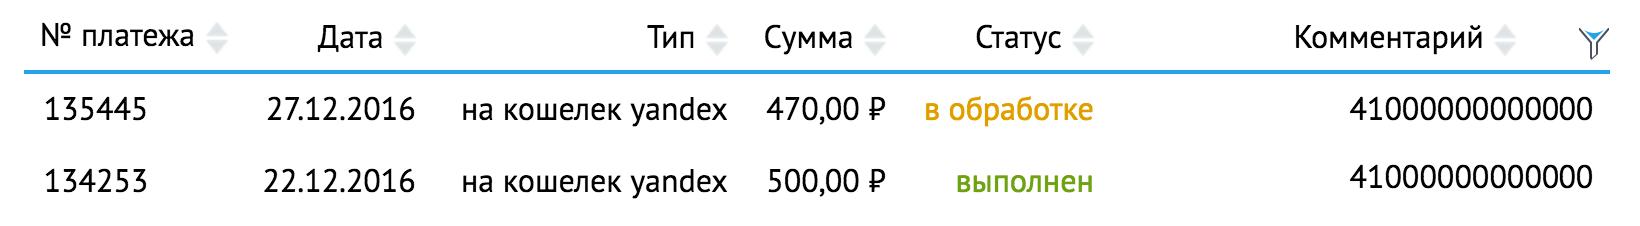 Яндекс.Деньги 6